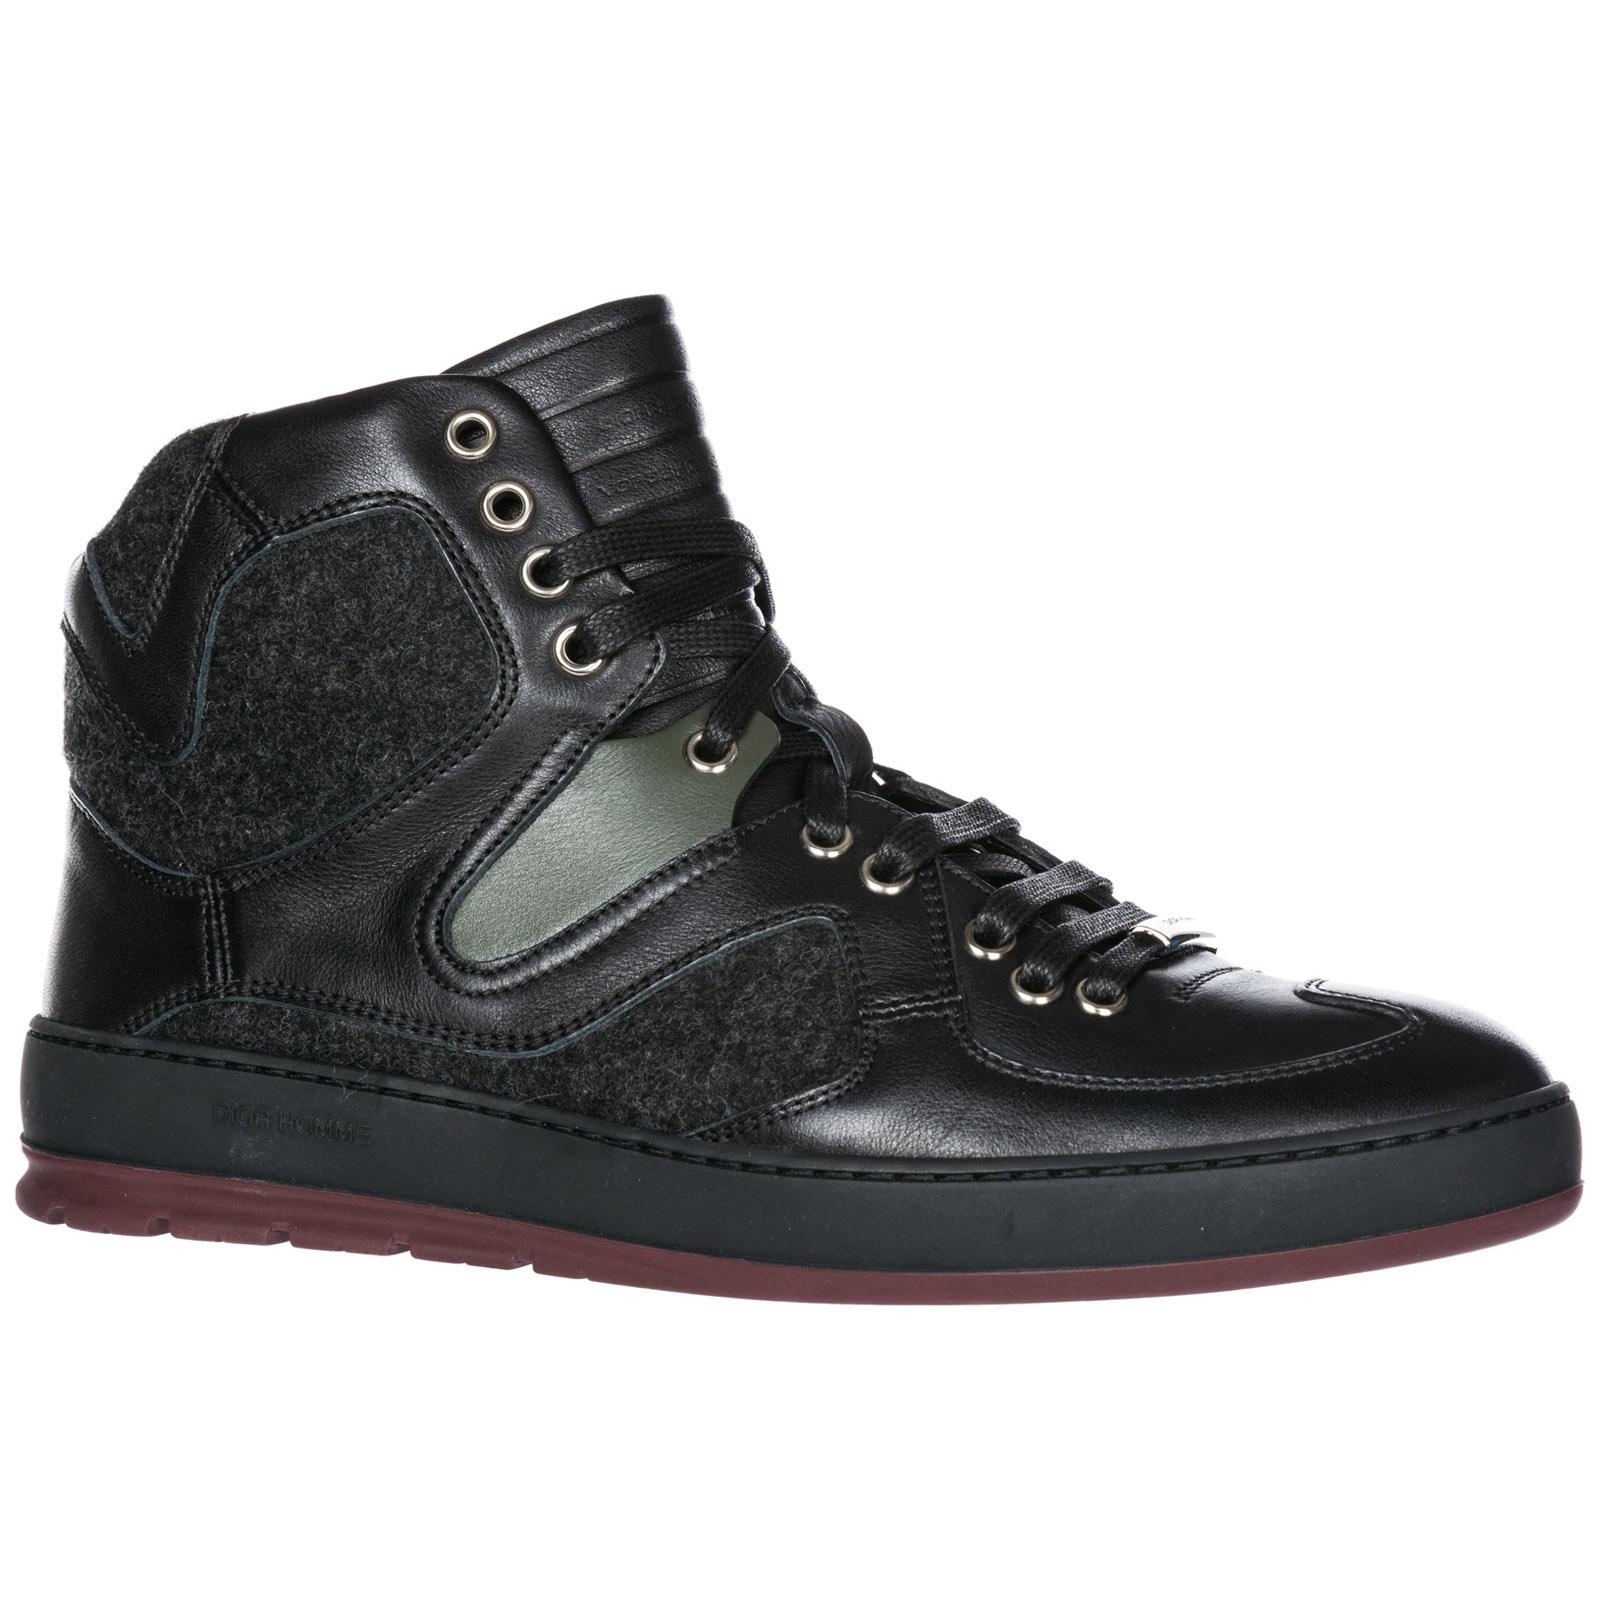 Zapatos zapatillas de deporte largas hombres en piel b19